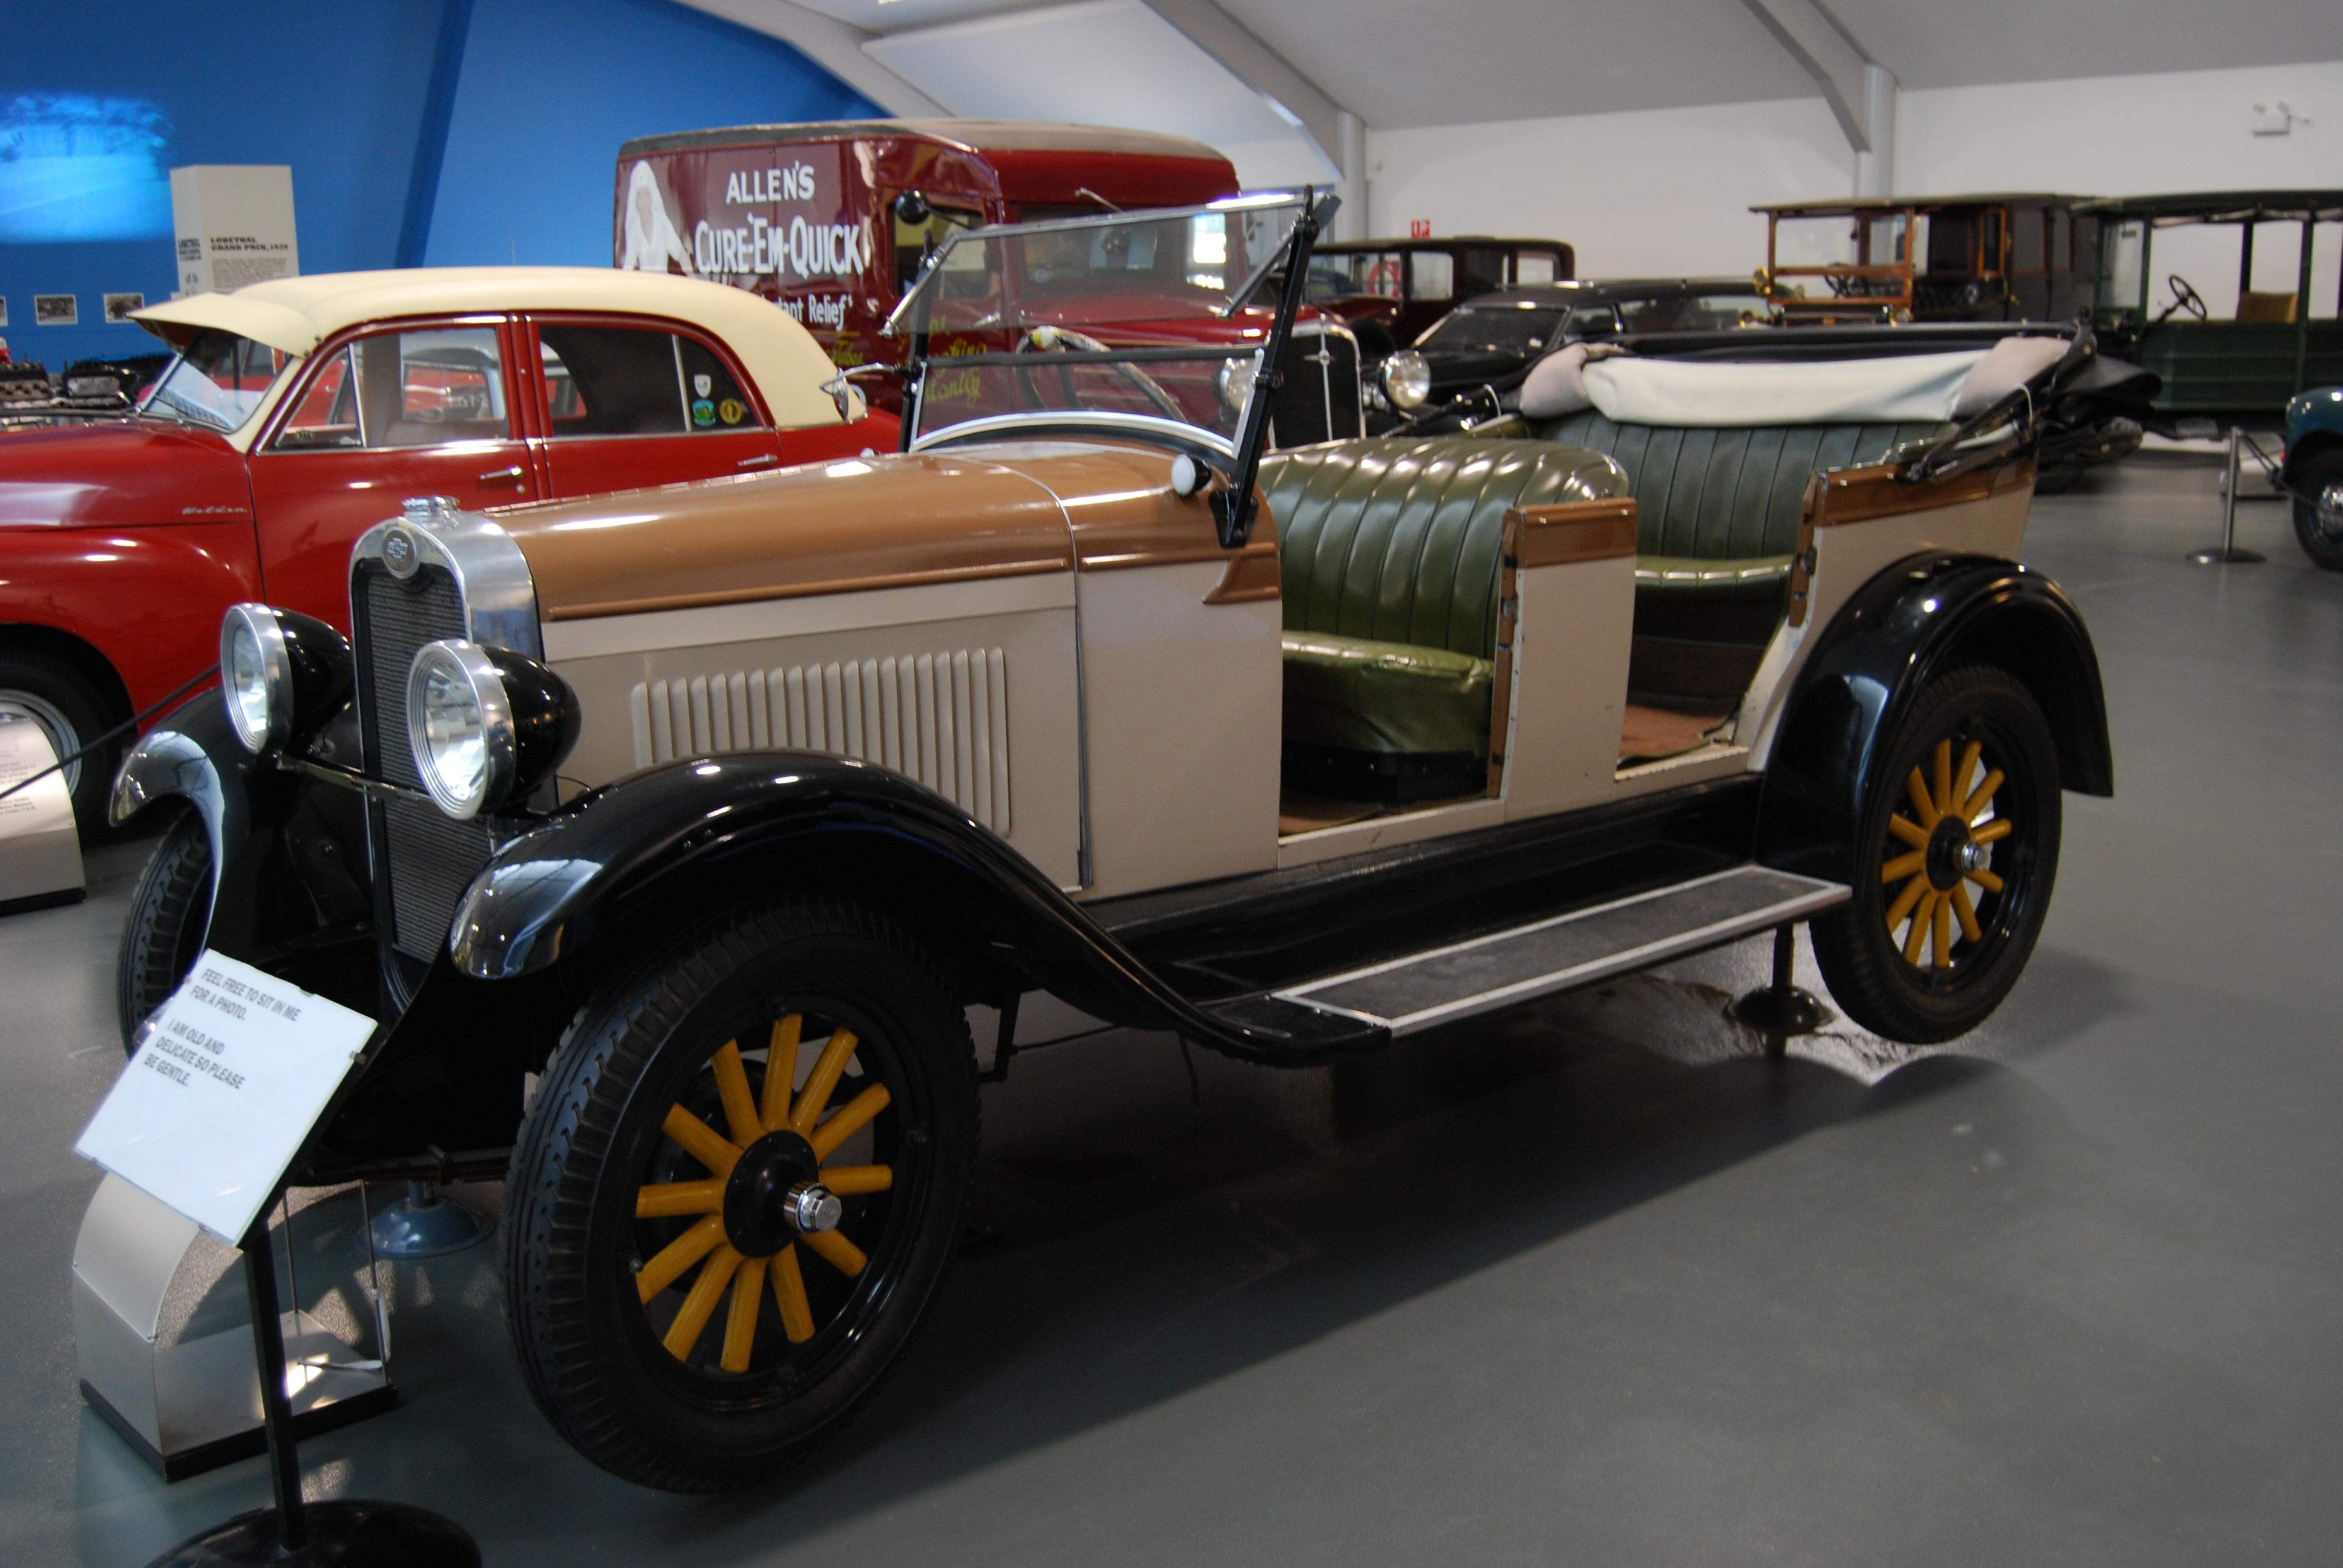 File:1928 Chevrolet AB National Tourer.JPG - Wikimedia Commons